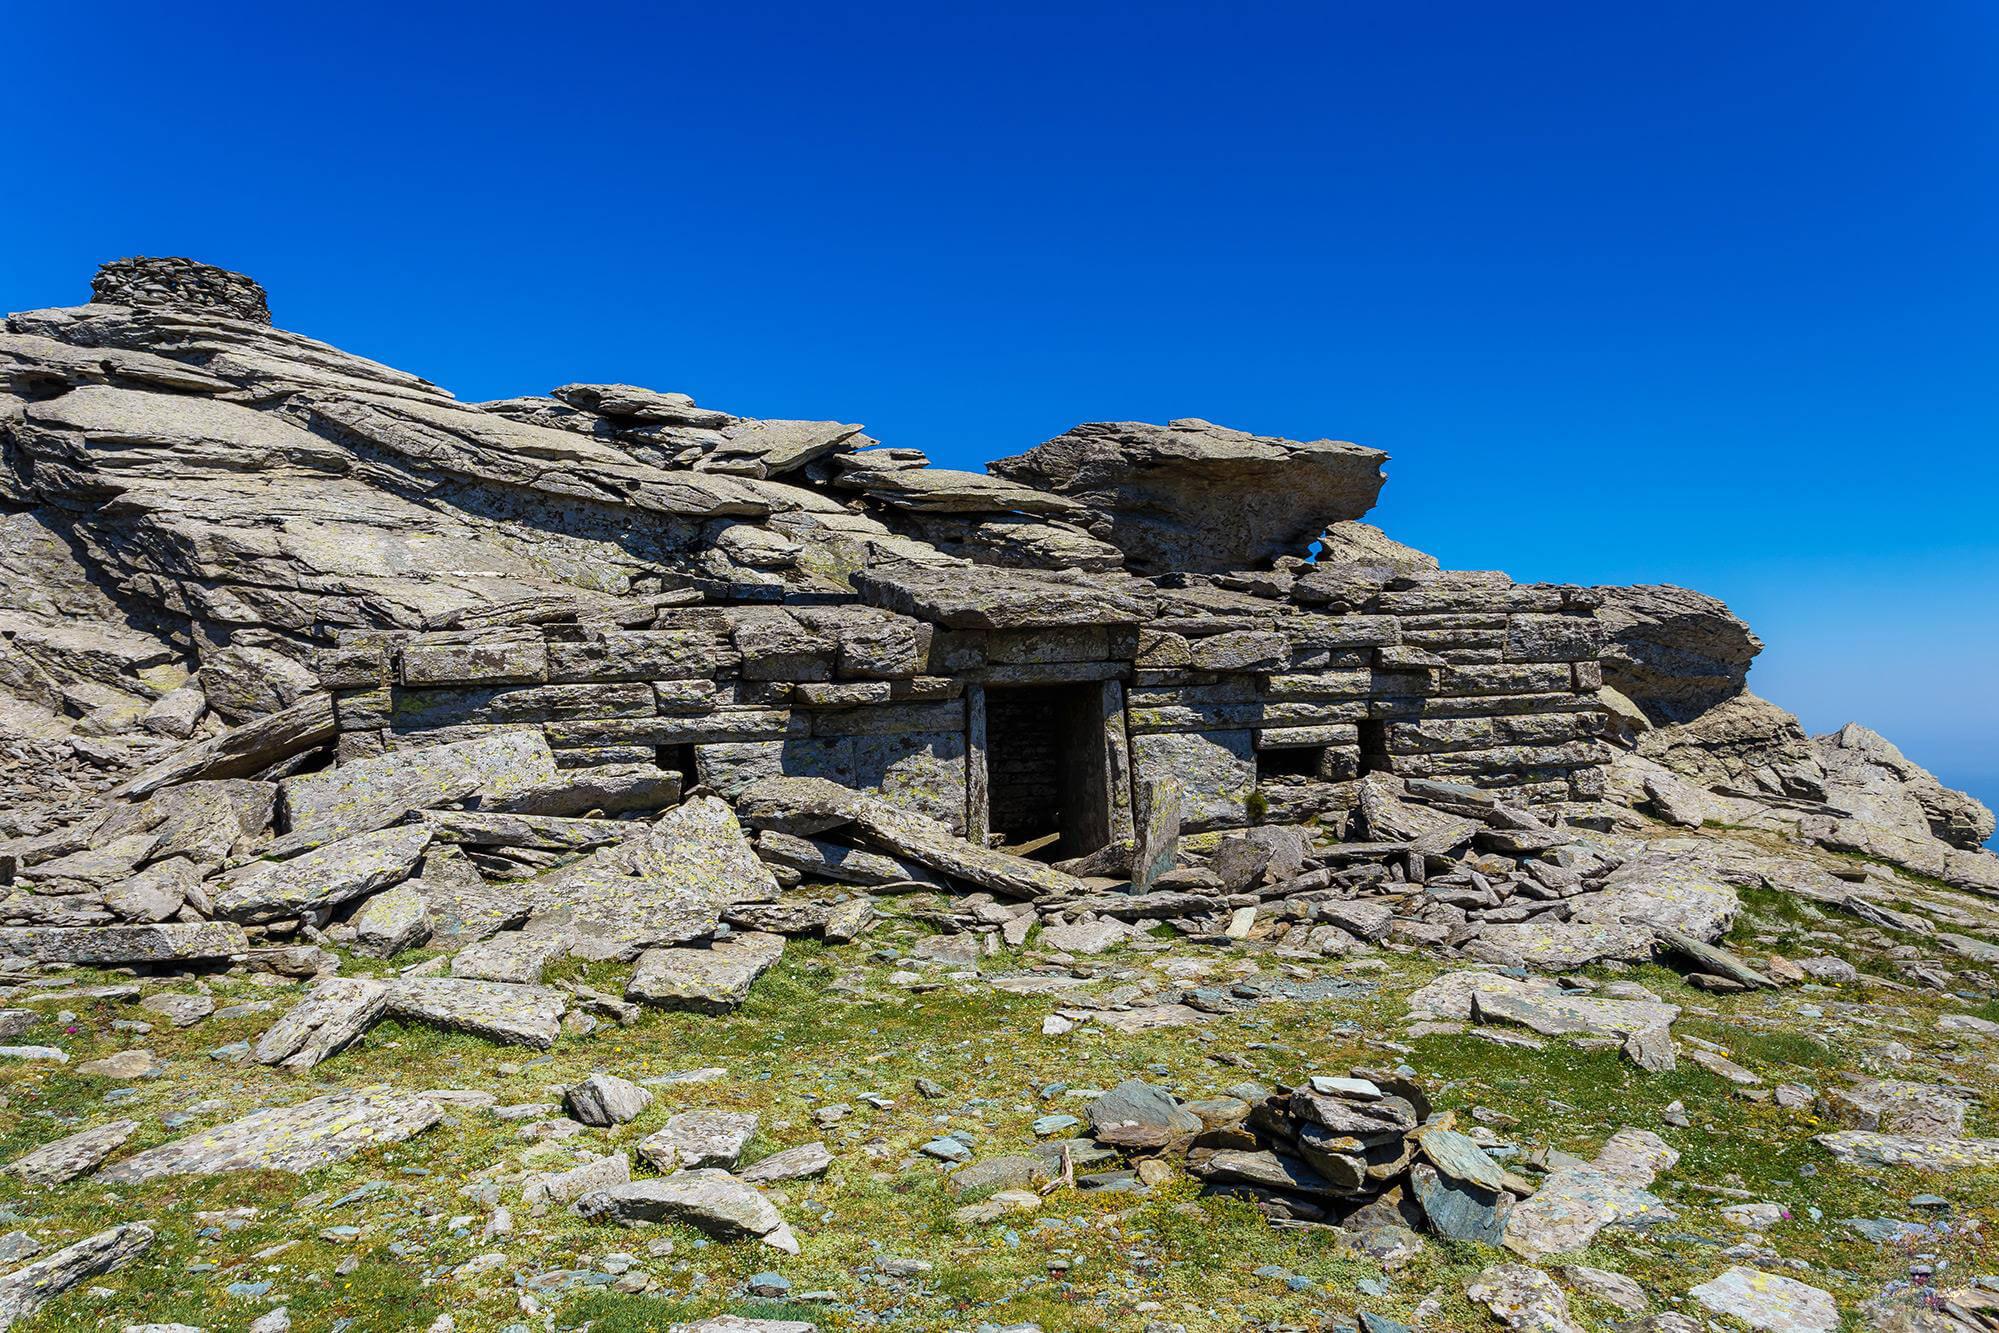 Развалины древних построек - Драконьи дома